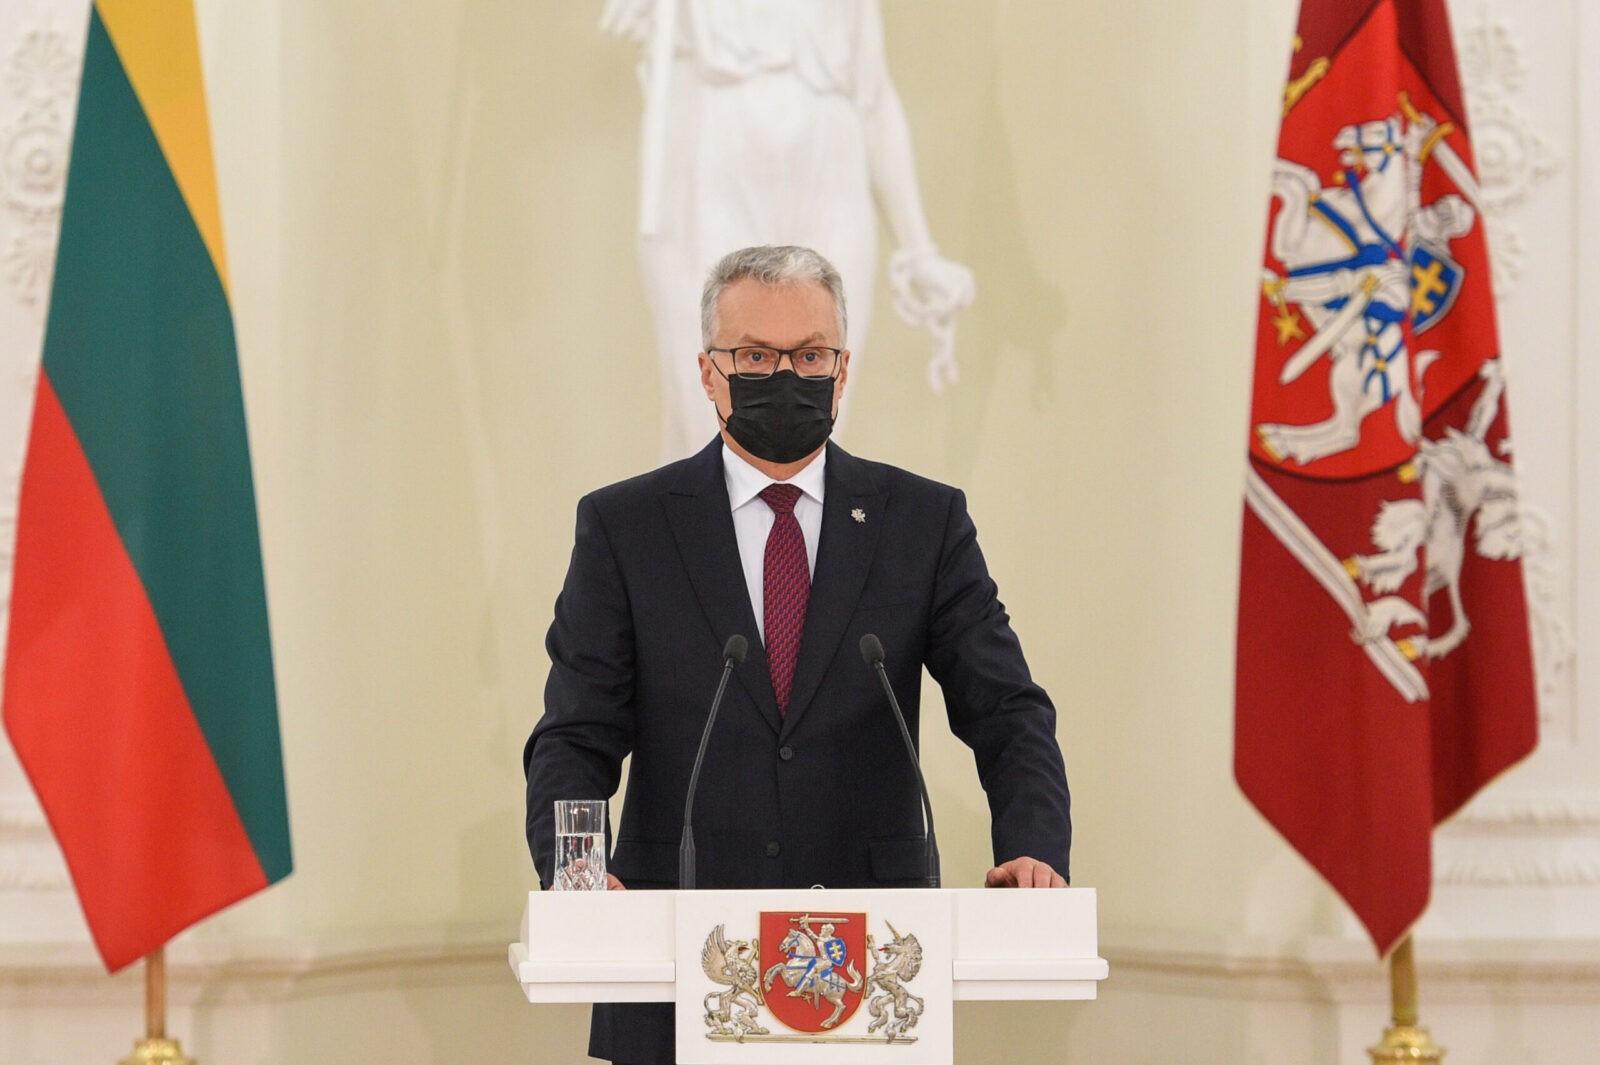 Prezidento G.Nausėdos neveikimas dėl suklastotų Seimo rinkimų apskųstas teismui